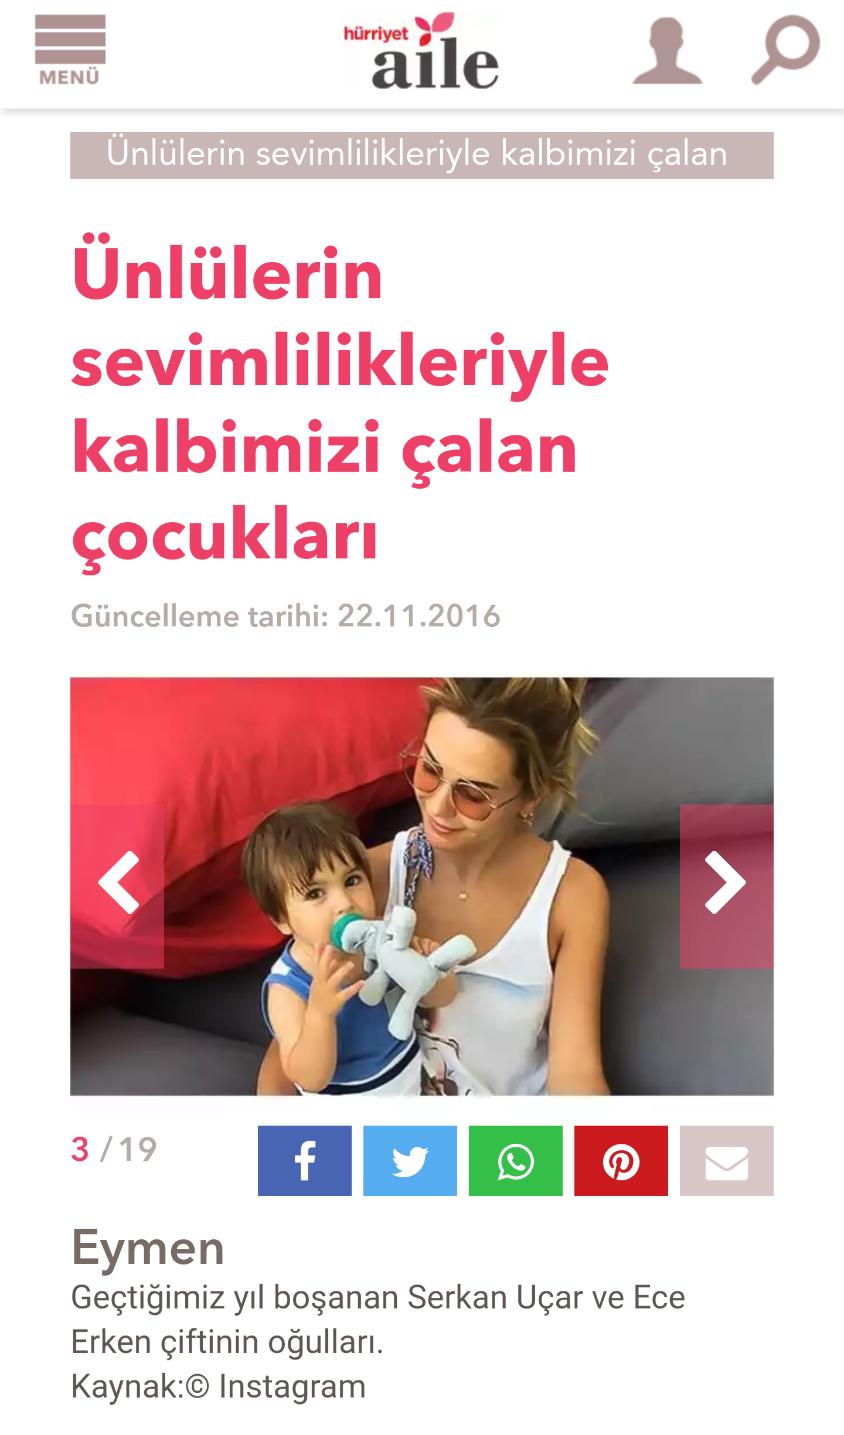 Hürriyet, Kasım 2016